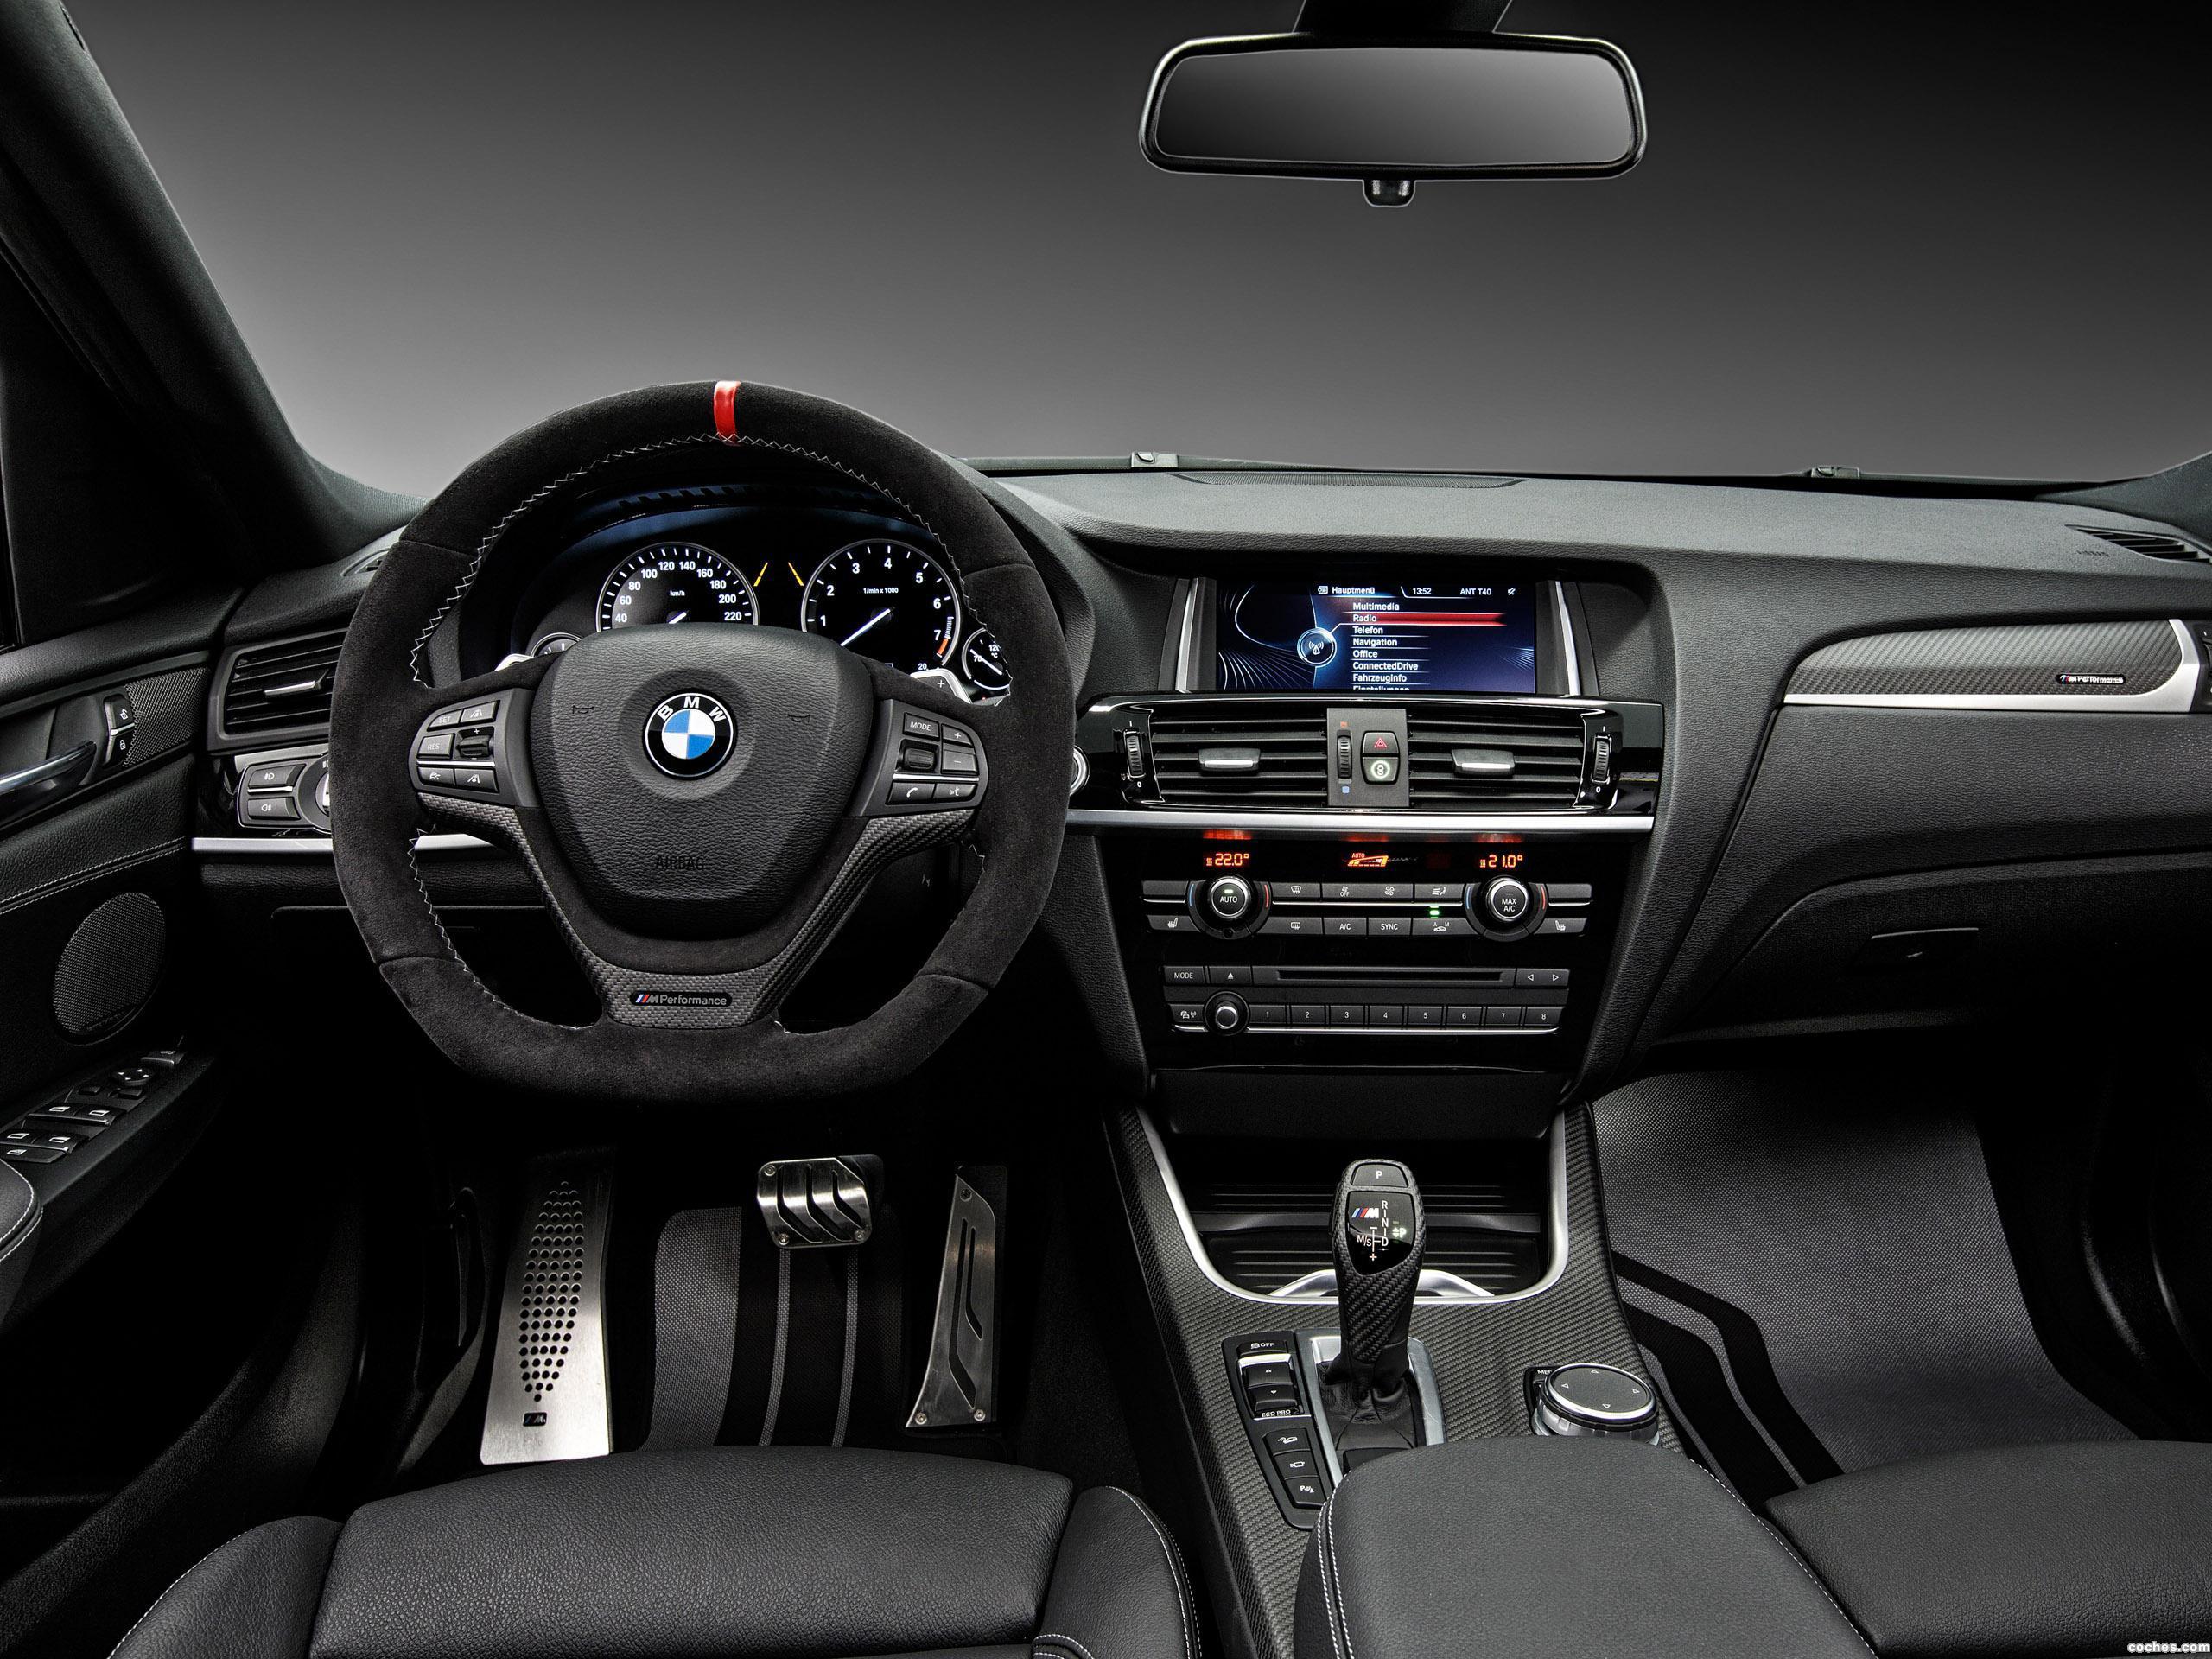 Foto 6 de BMW X4 xDrive28i M Performance Accessories F26 2014